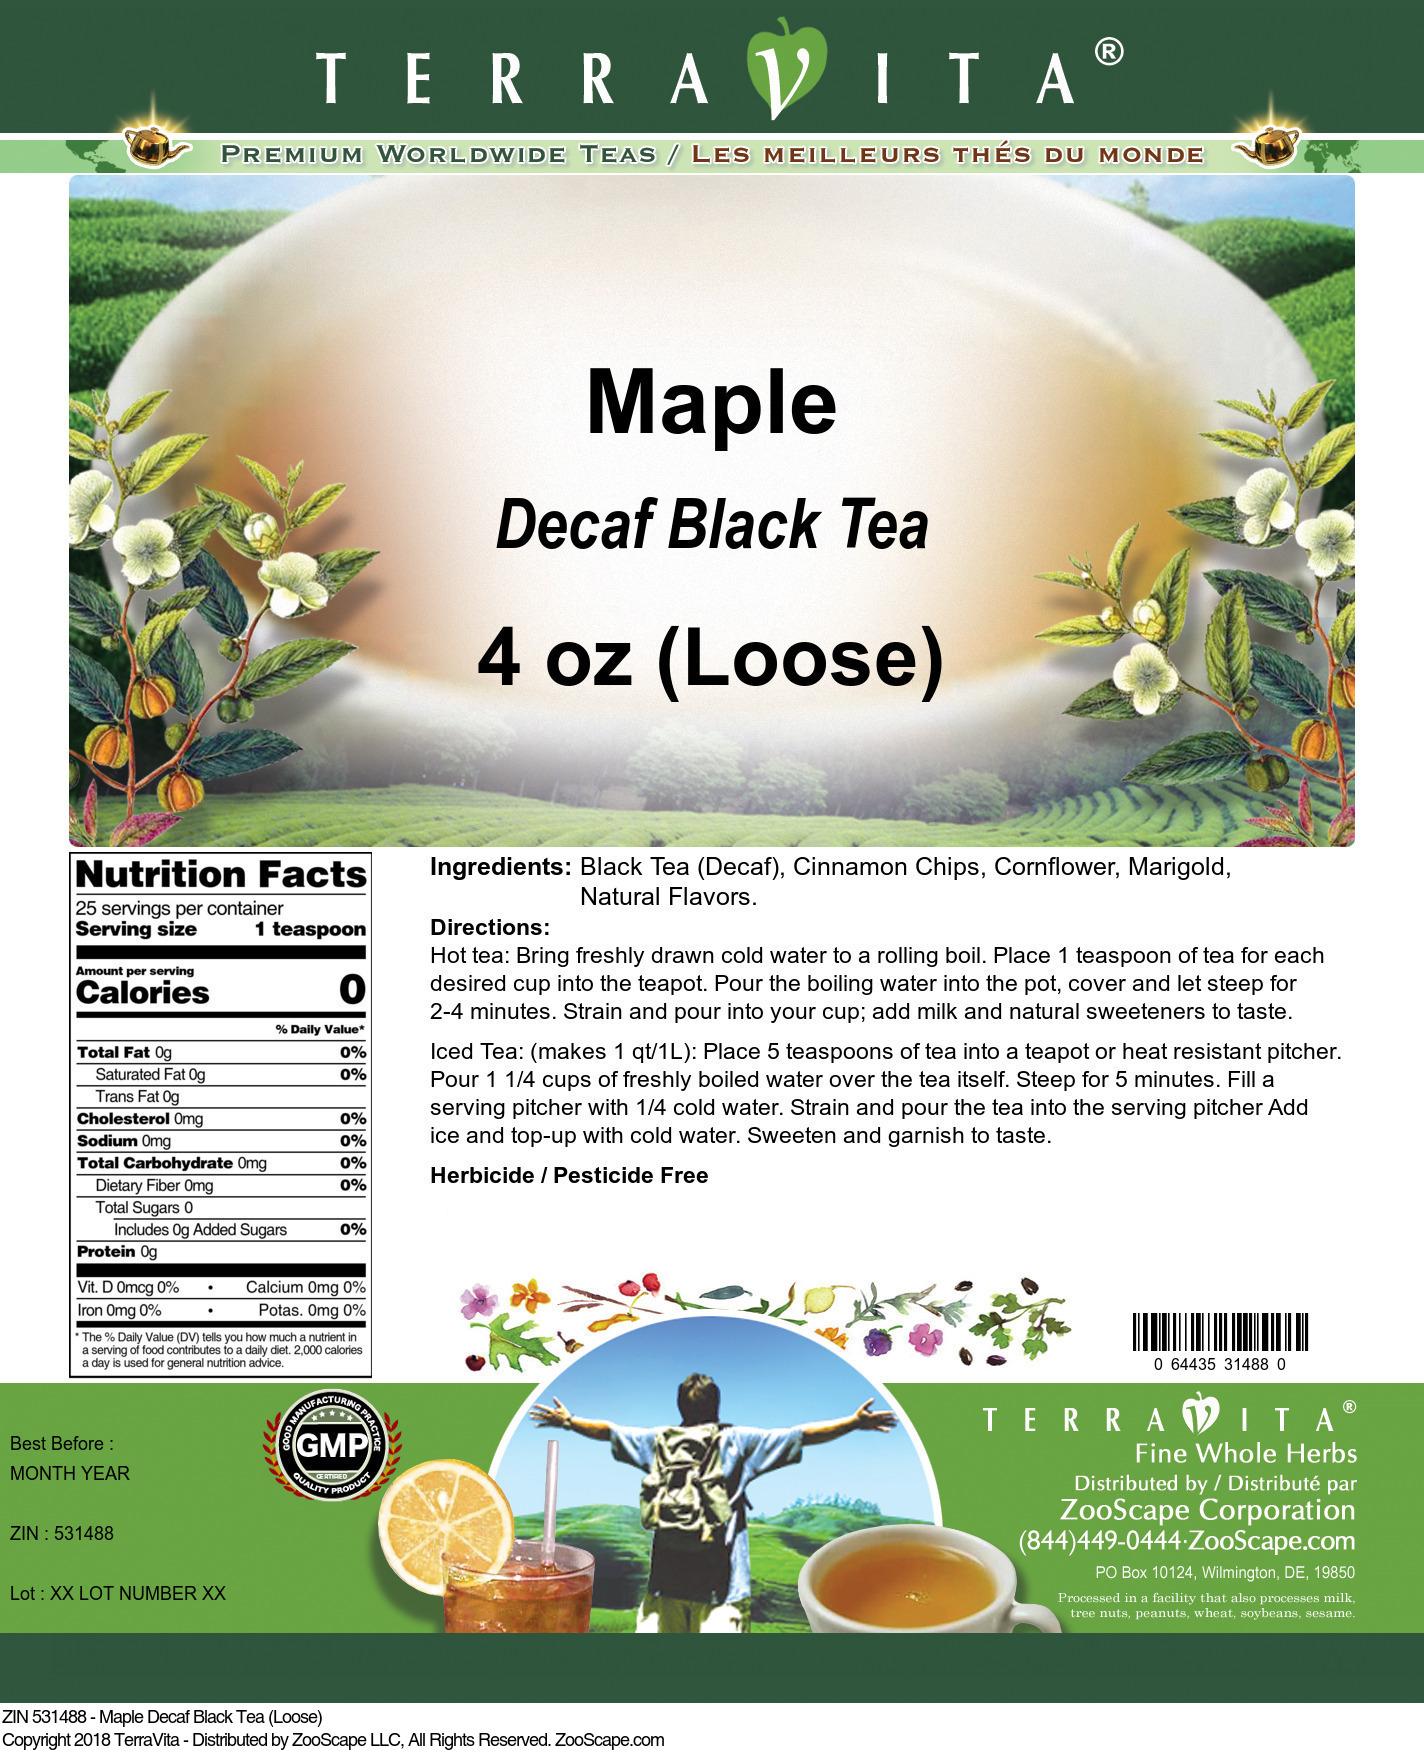 Maple Decaf Black Tea